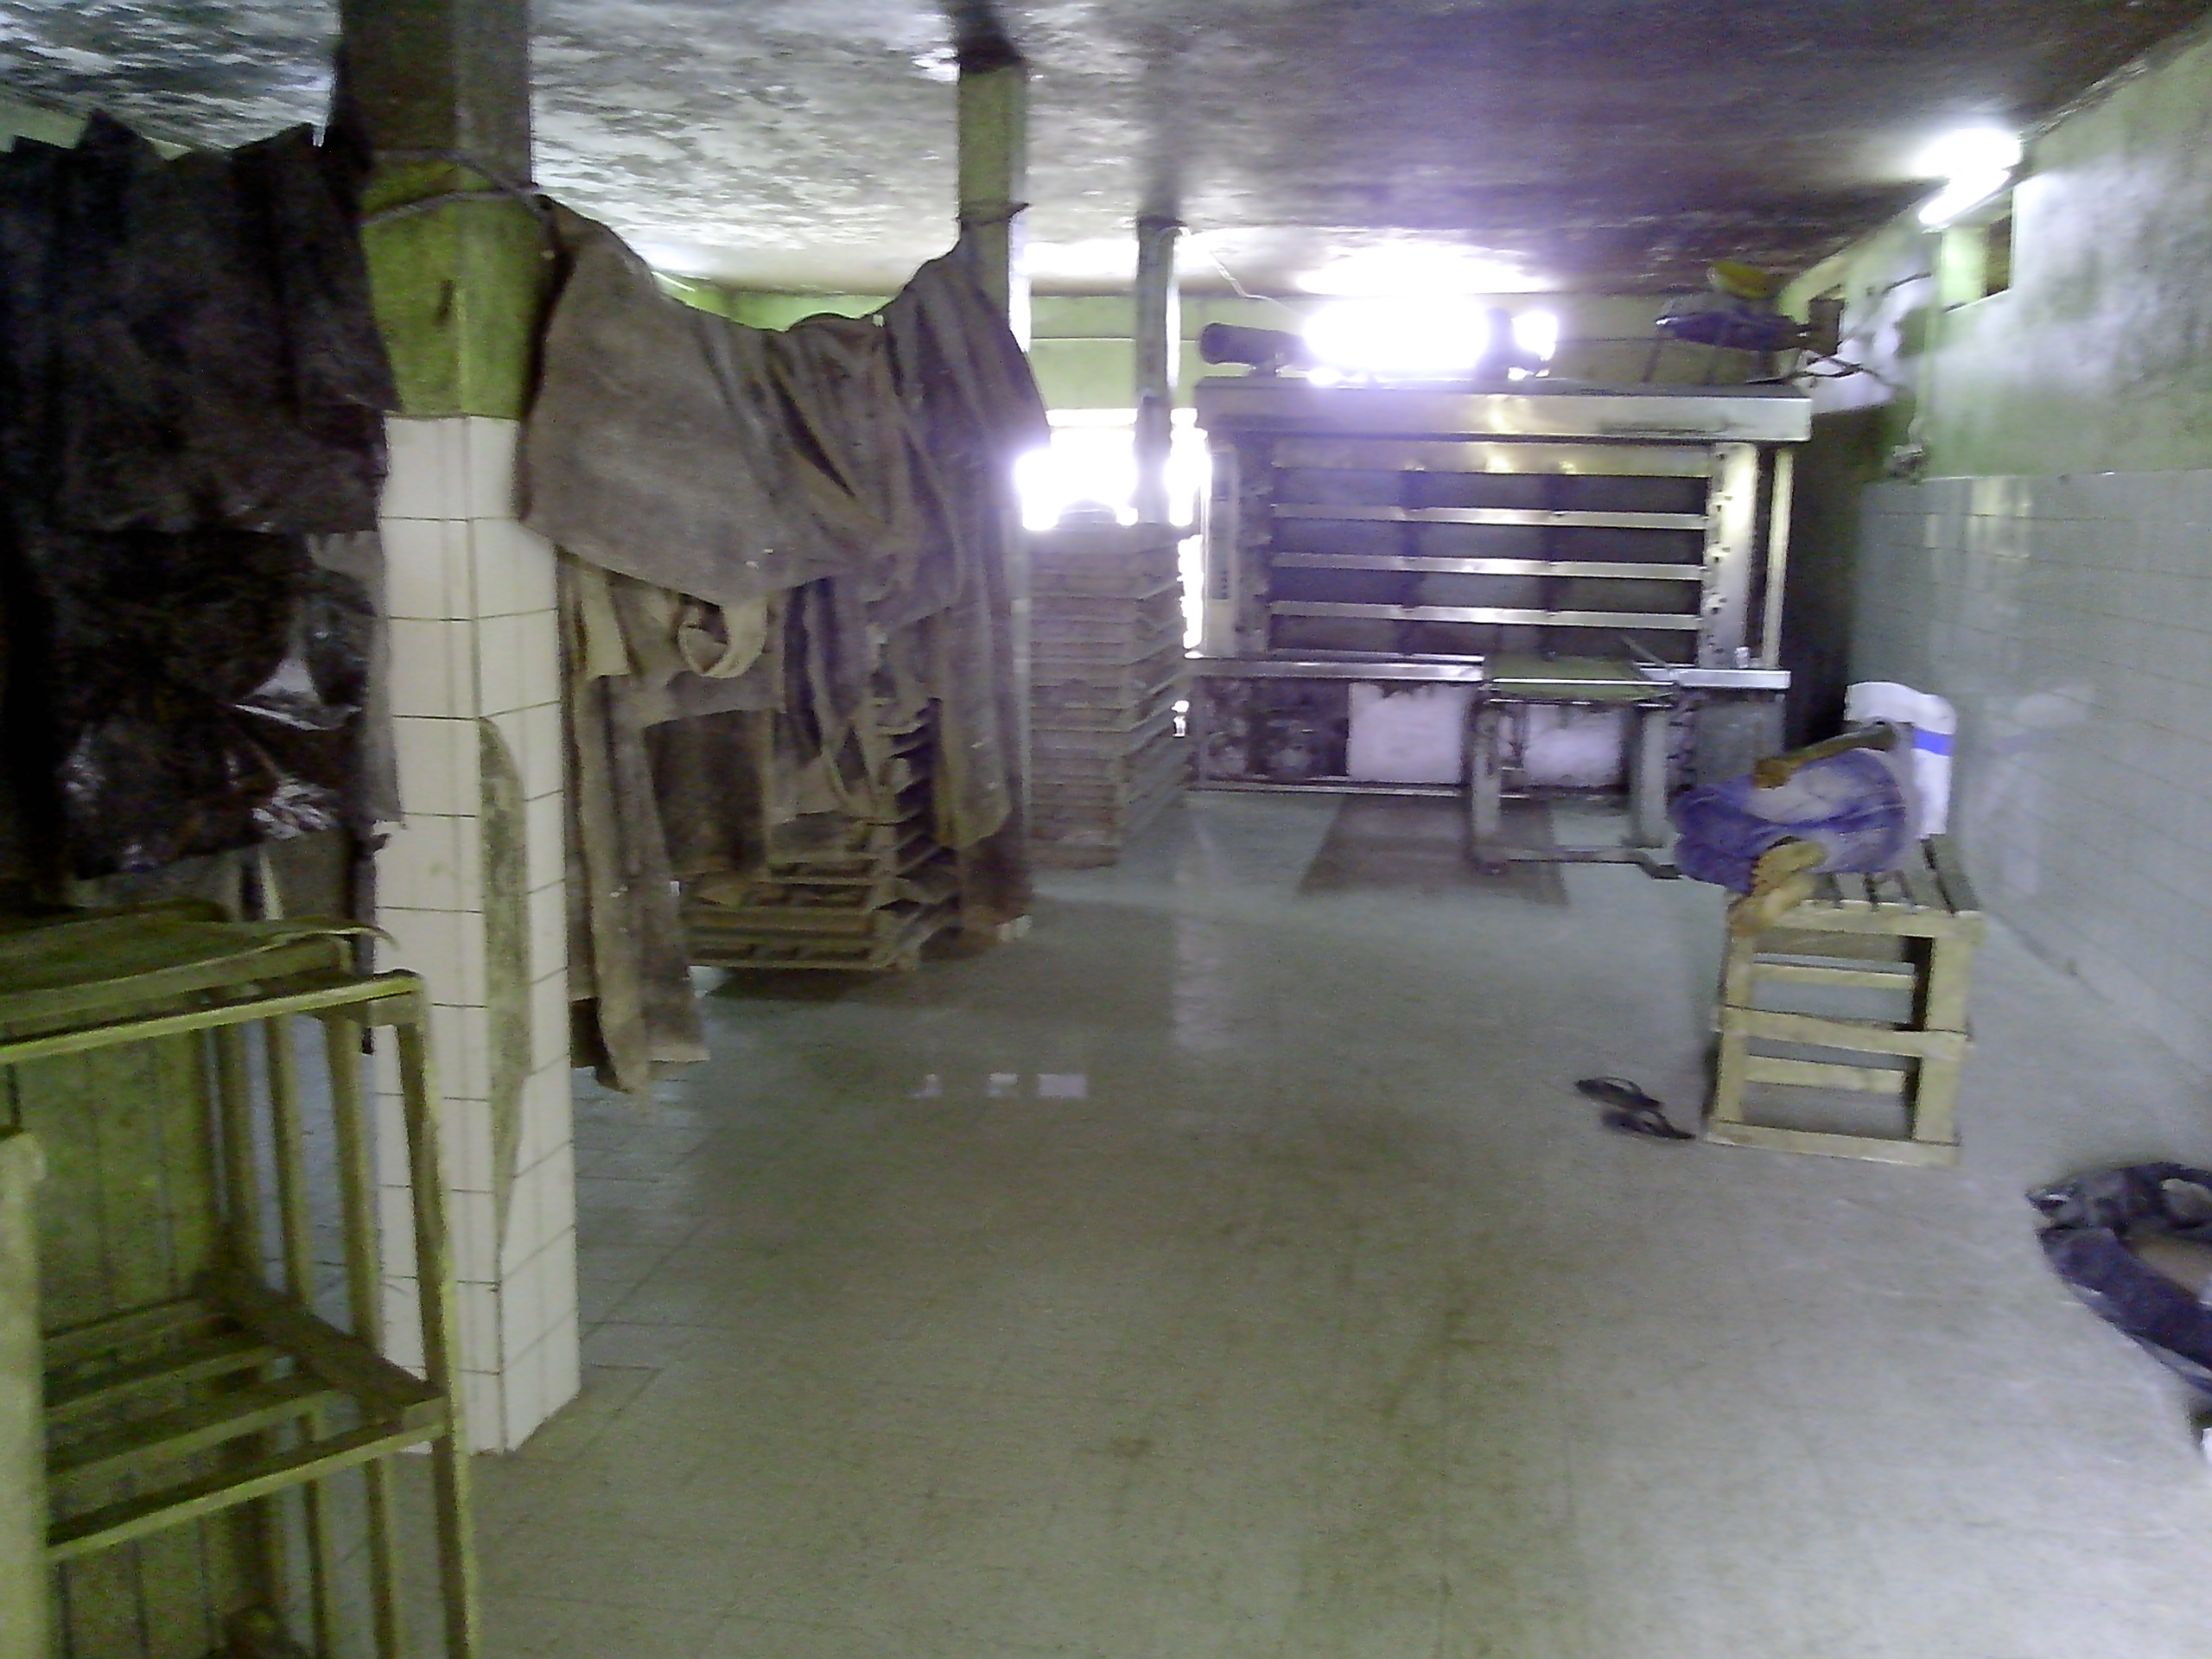 Intérieur d'une boulangerie (Four, Tapis, Caisses)